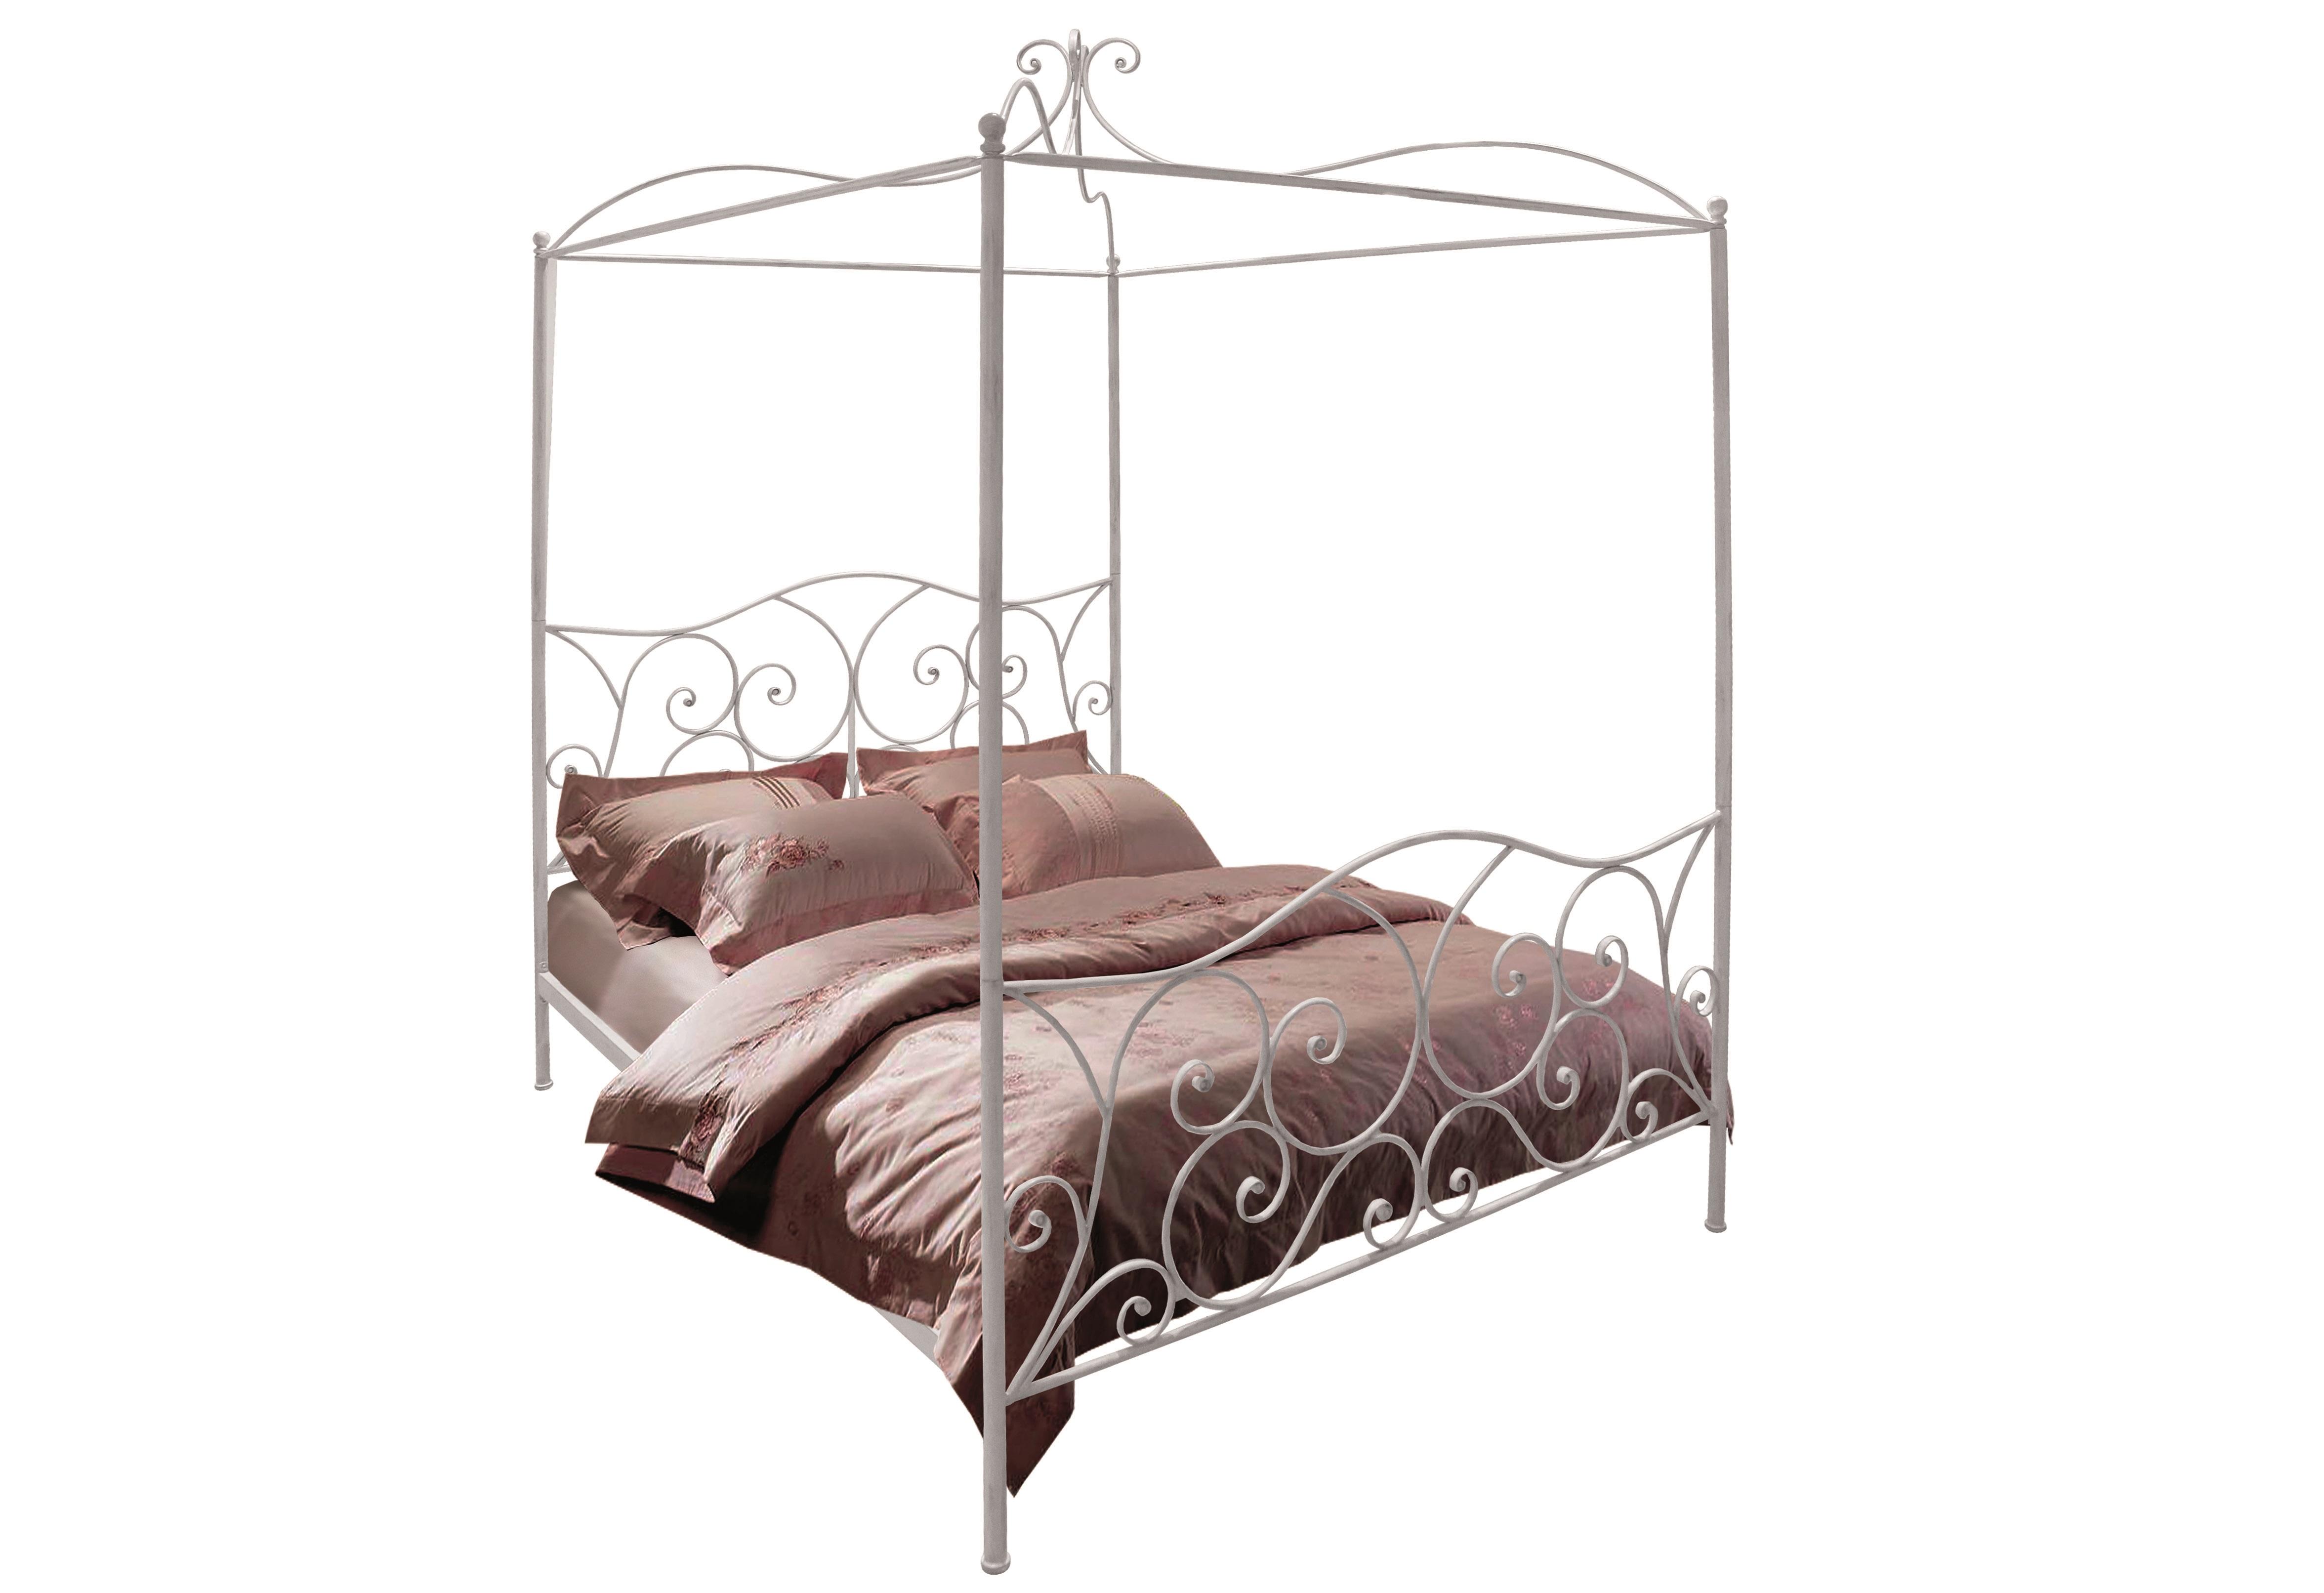 Кровать BrungerКованые кровати<br><br><br>Material: Металл<br>Length см: None<br>Width см: 167<br>Depth см: 209<br>Height см: 204